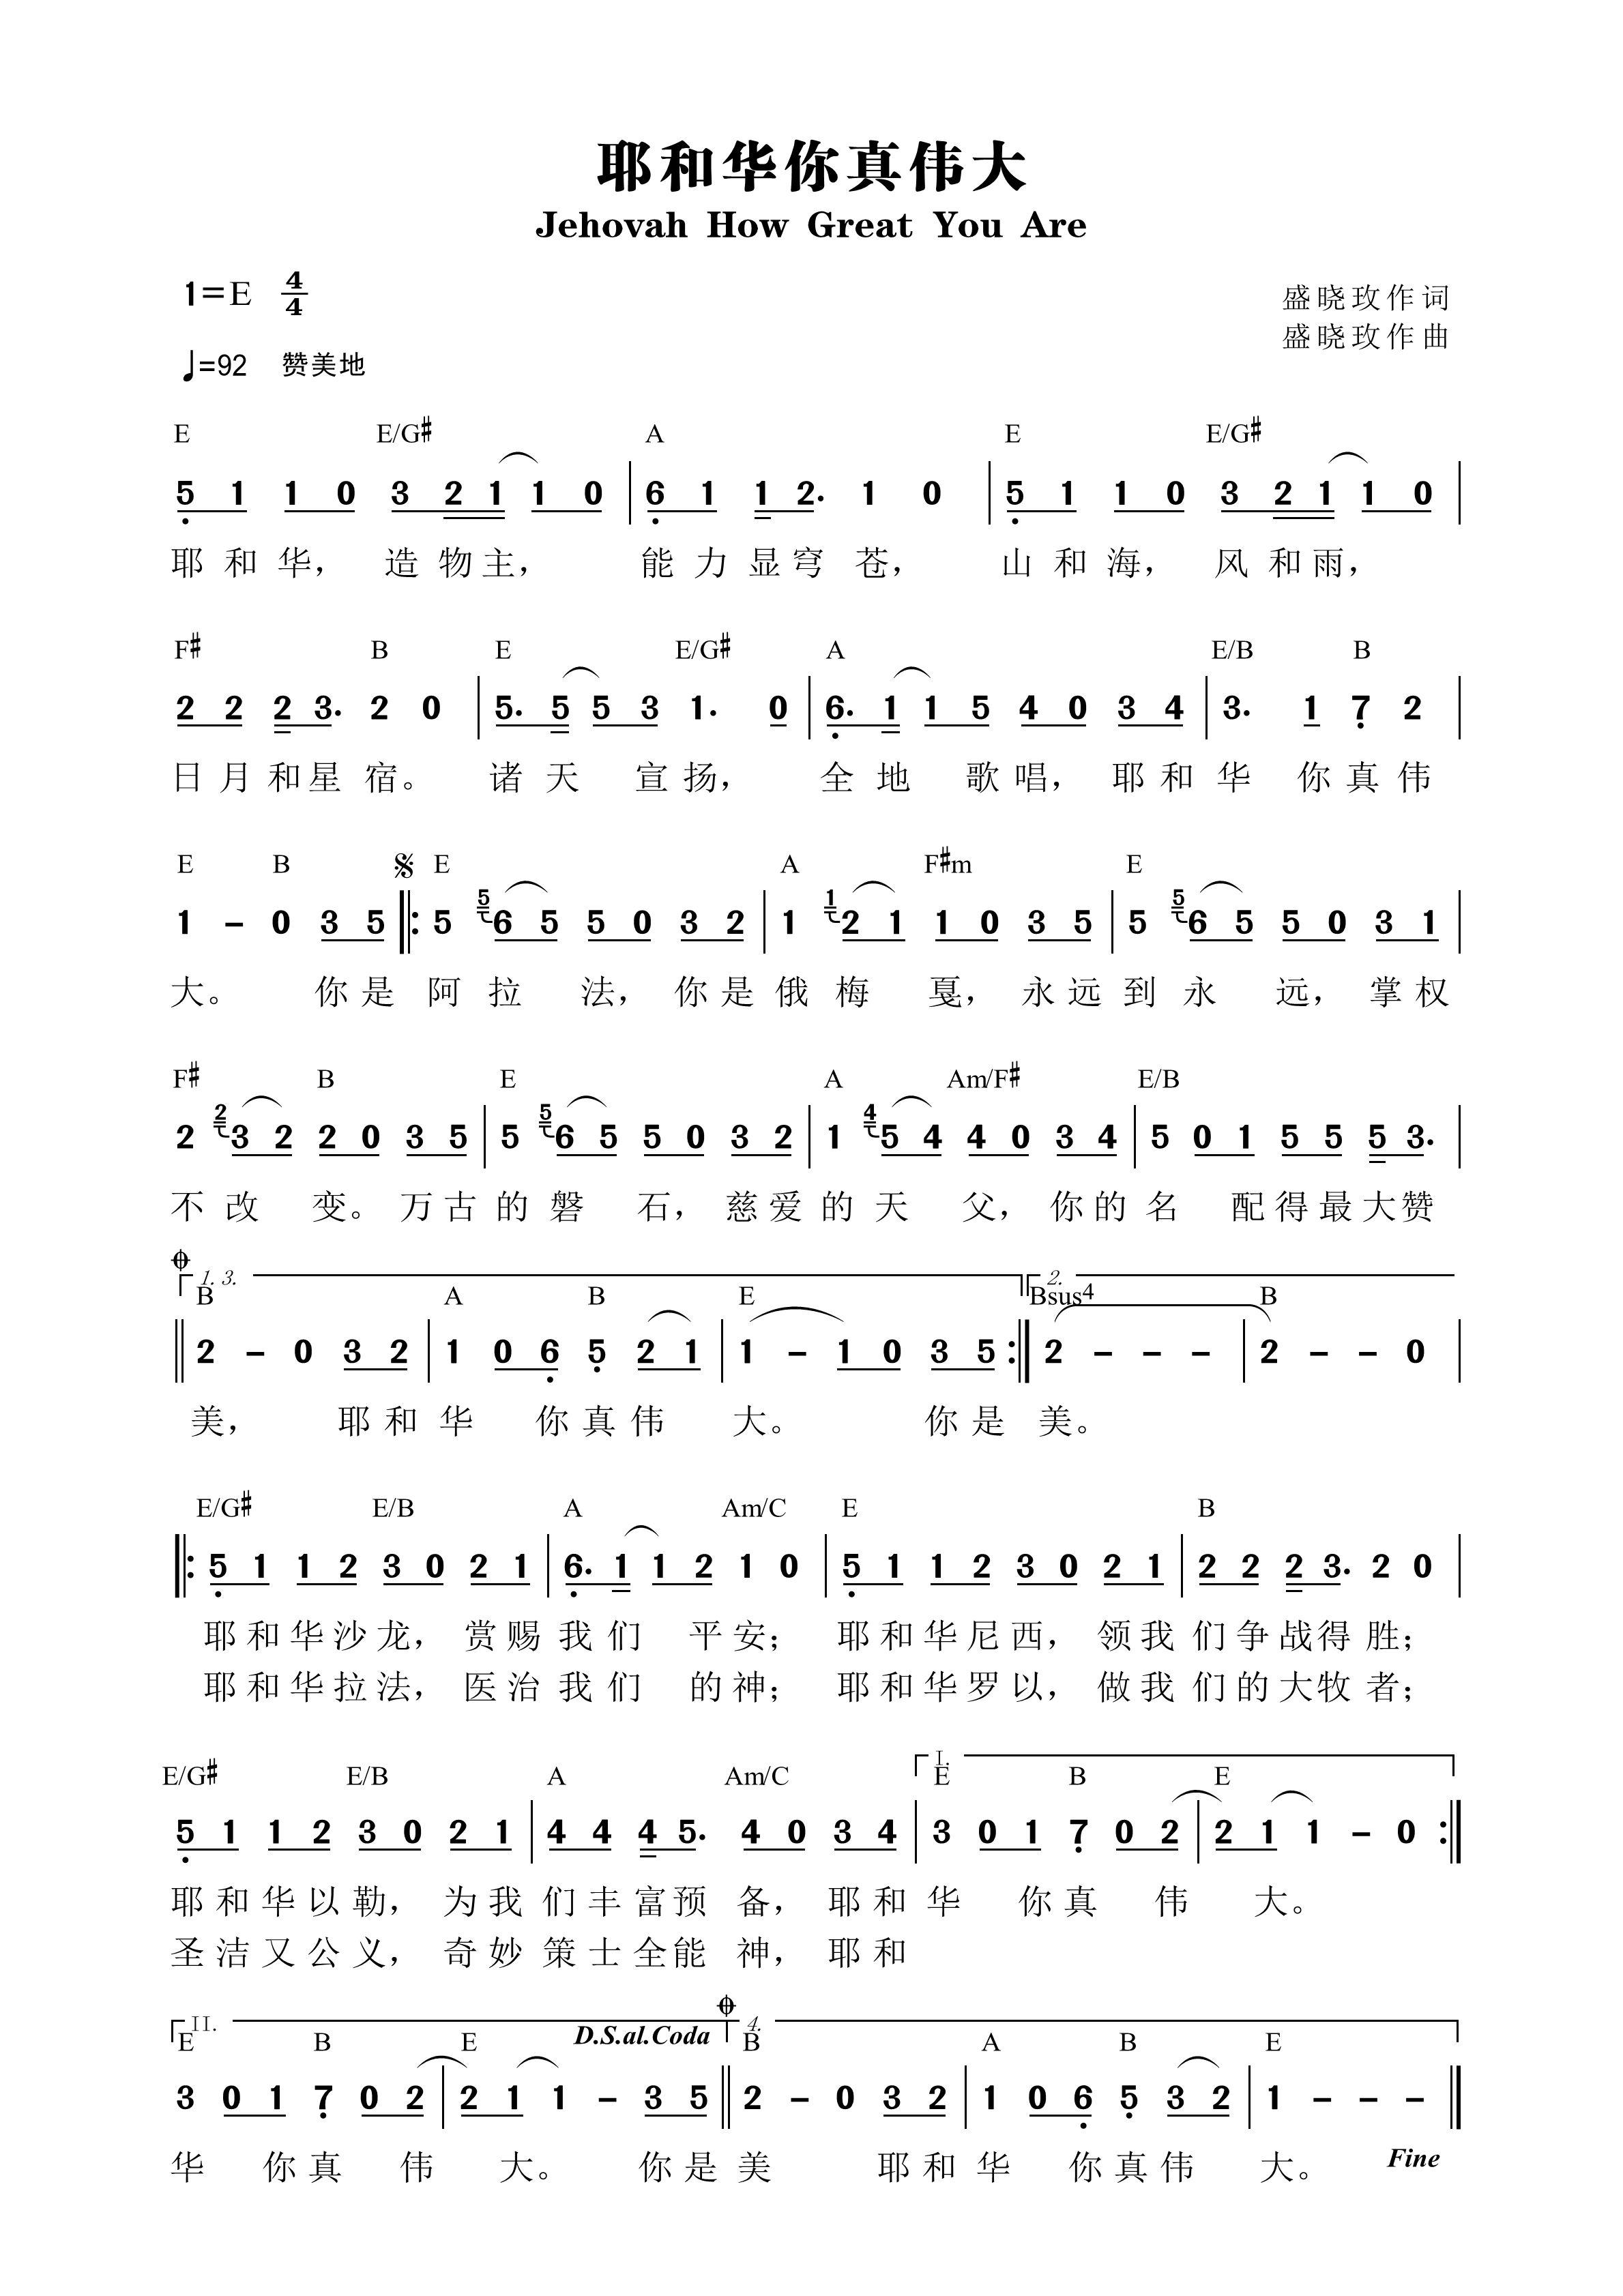 《耶和华你真伟大 和弦简谱》